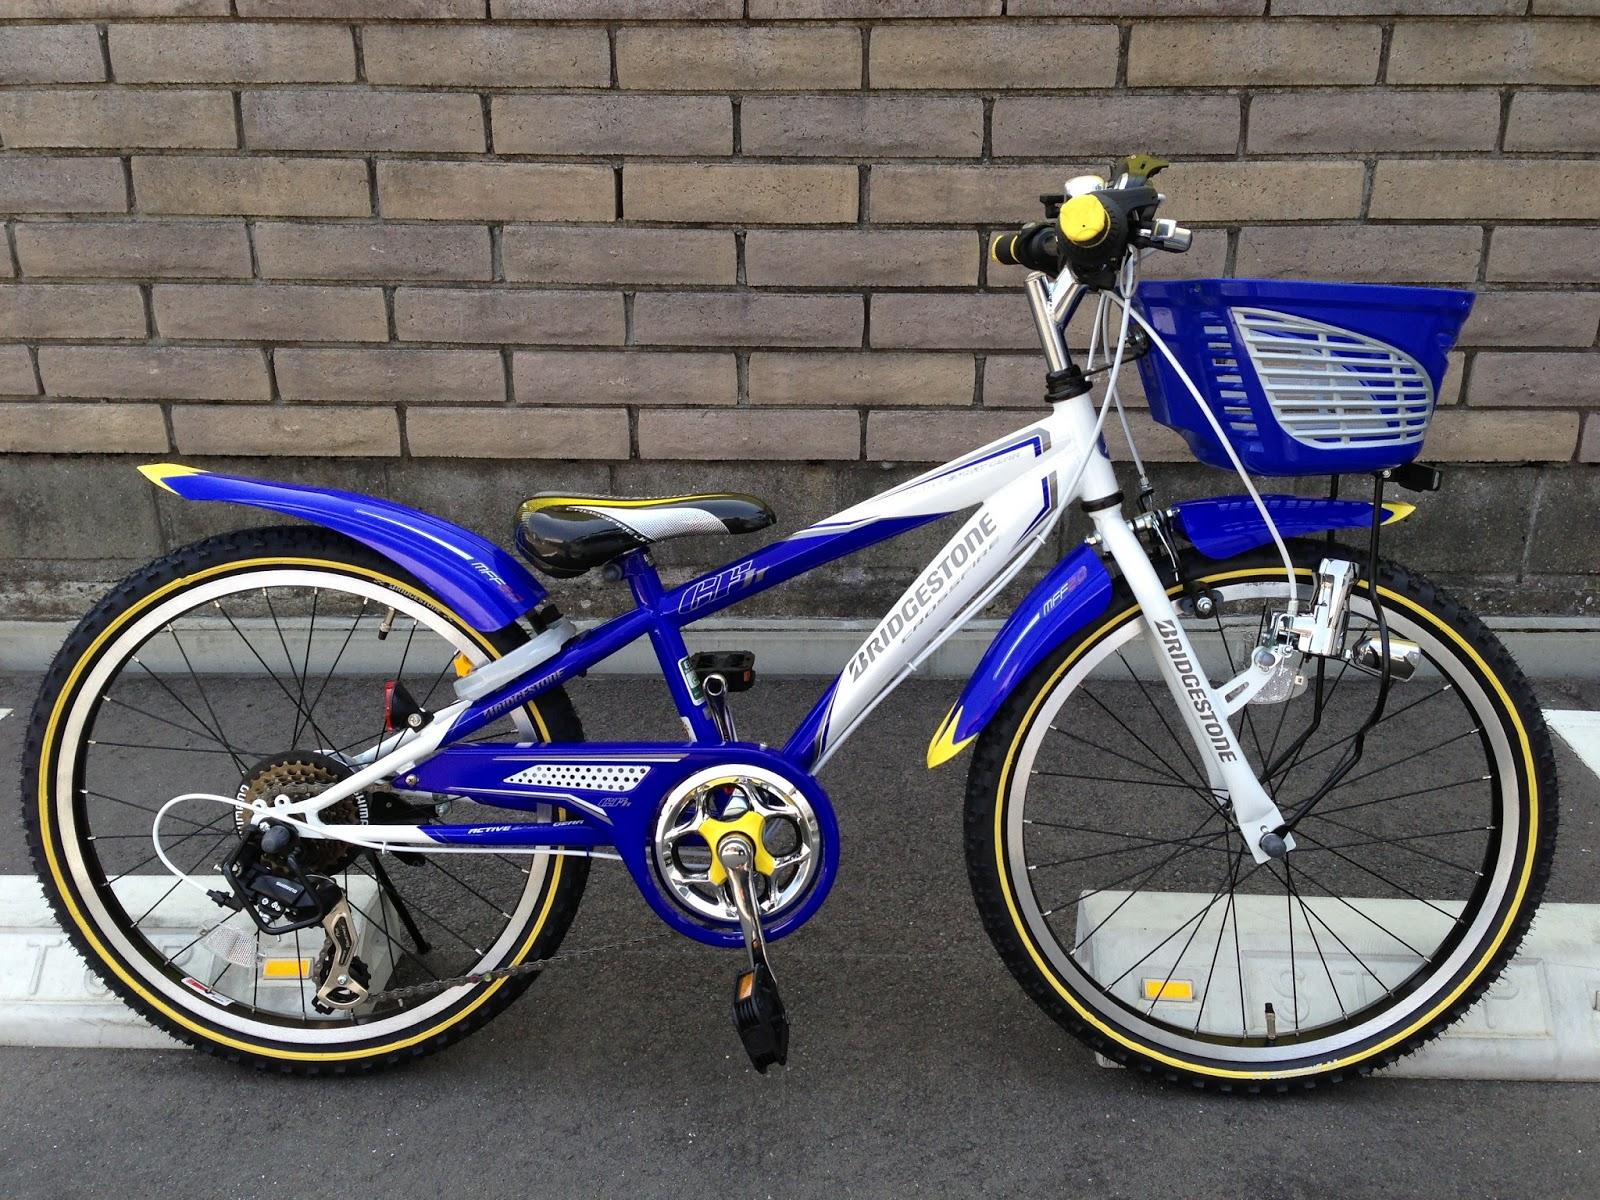 自転車の 自転車 あさひ 値段 : ... 比較的、お値段の高い…商品